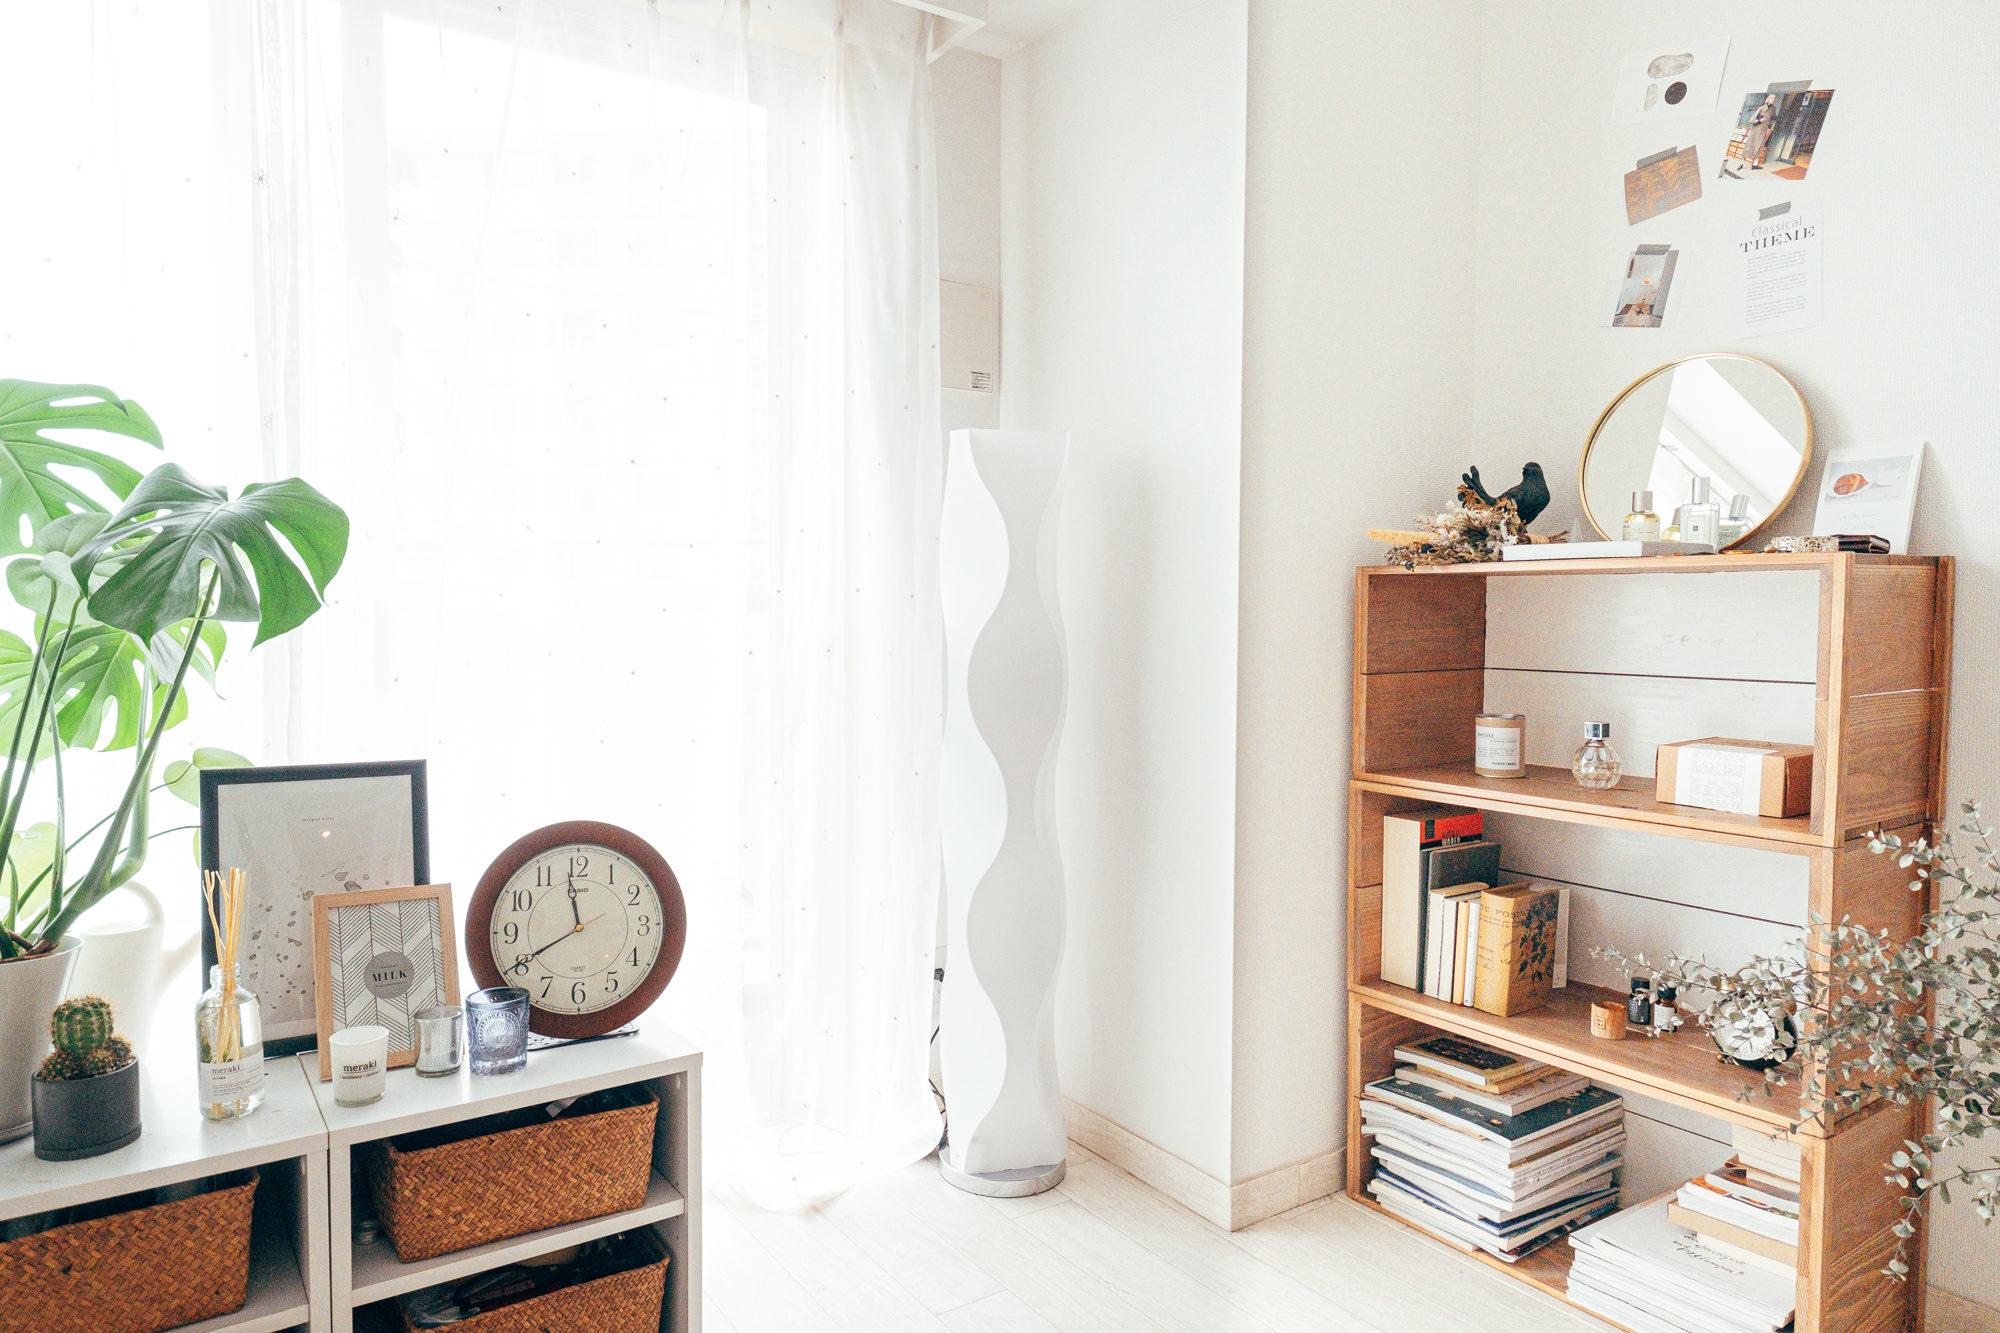 部屋の対角線上に置かれているのは、波打つデザインが特徴的なBeauBelleのフロアライトWELLE(ヴェレ)。落ち着く暖色の明かりと角度によって印象が変わるのが特徴的。